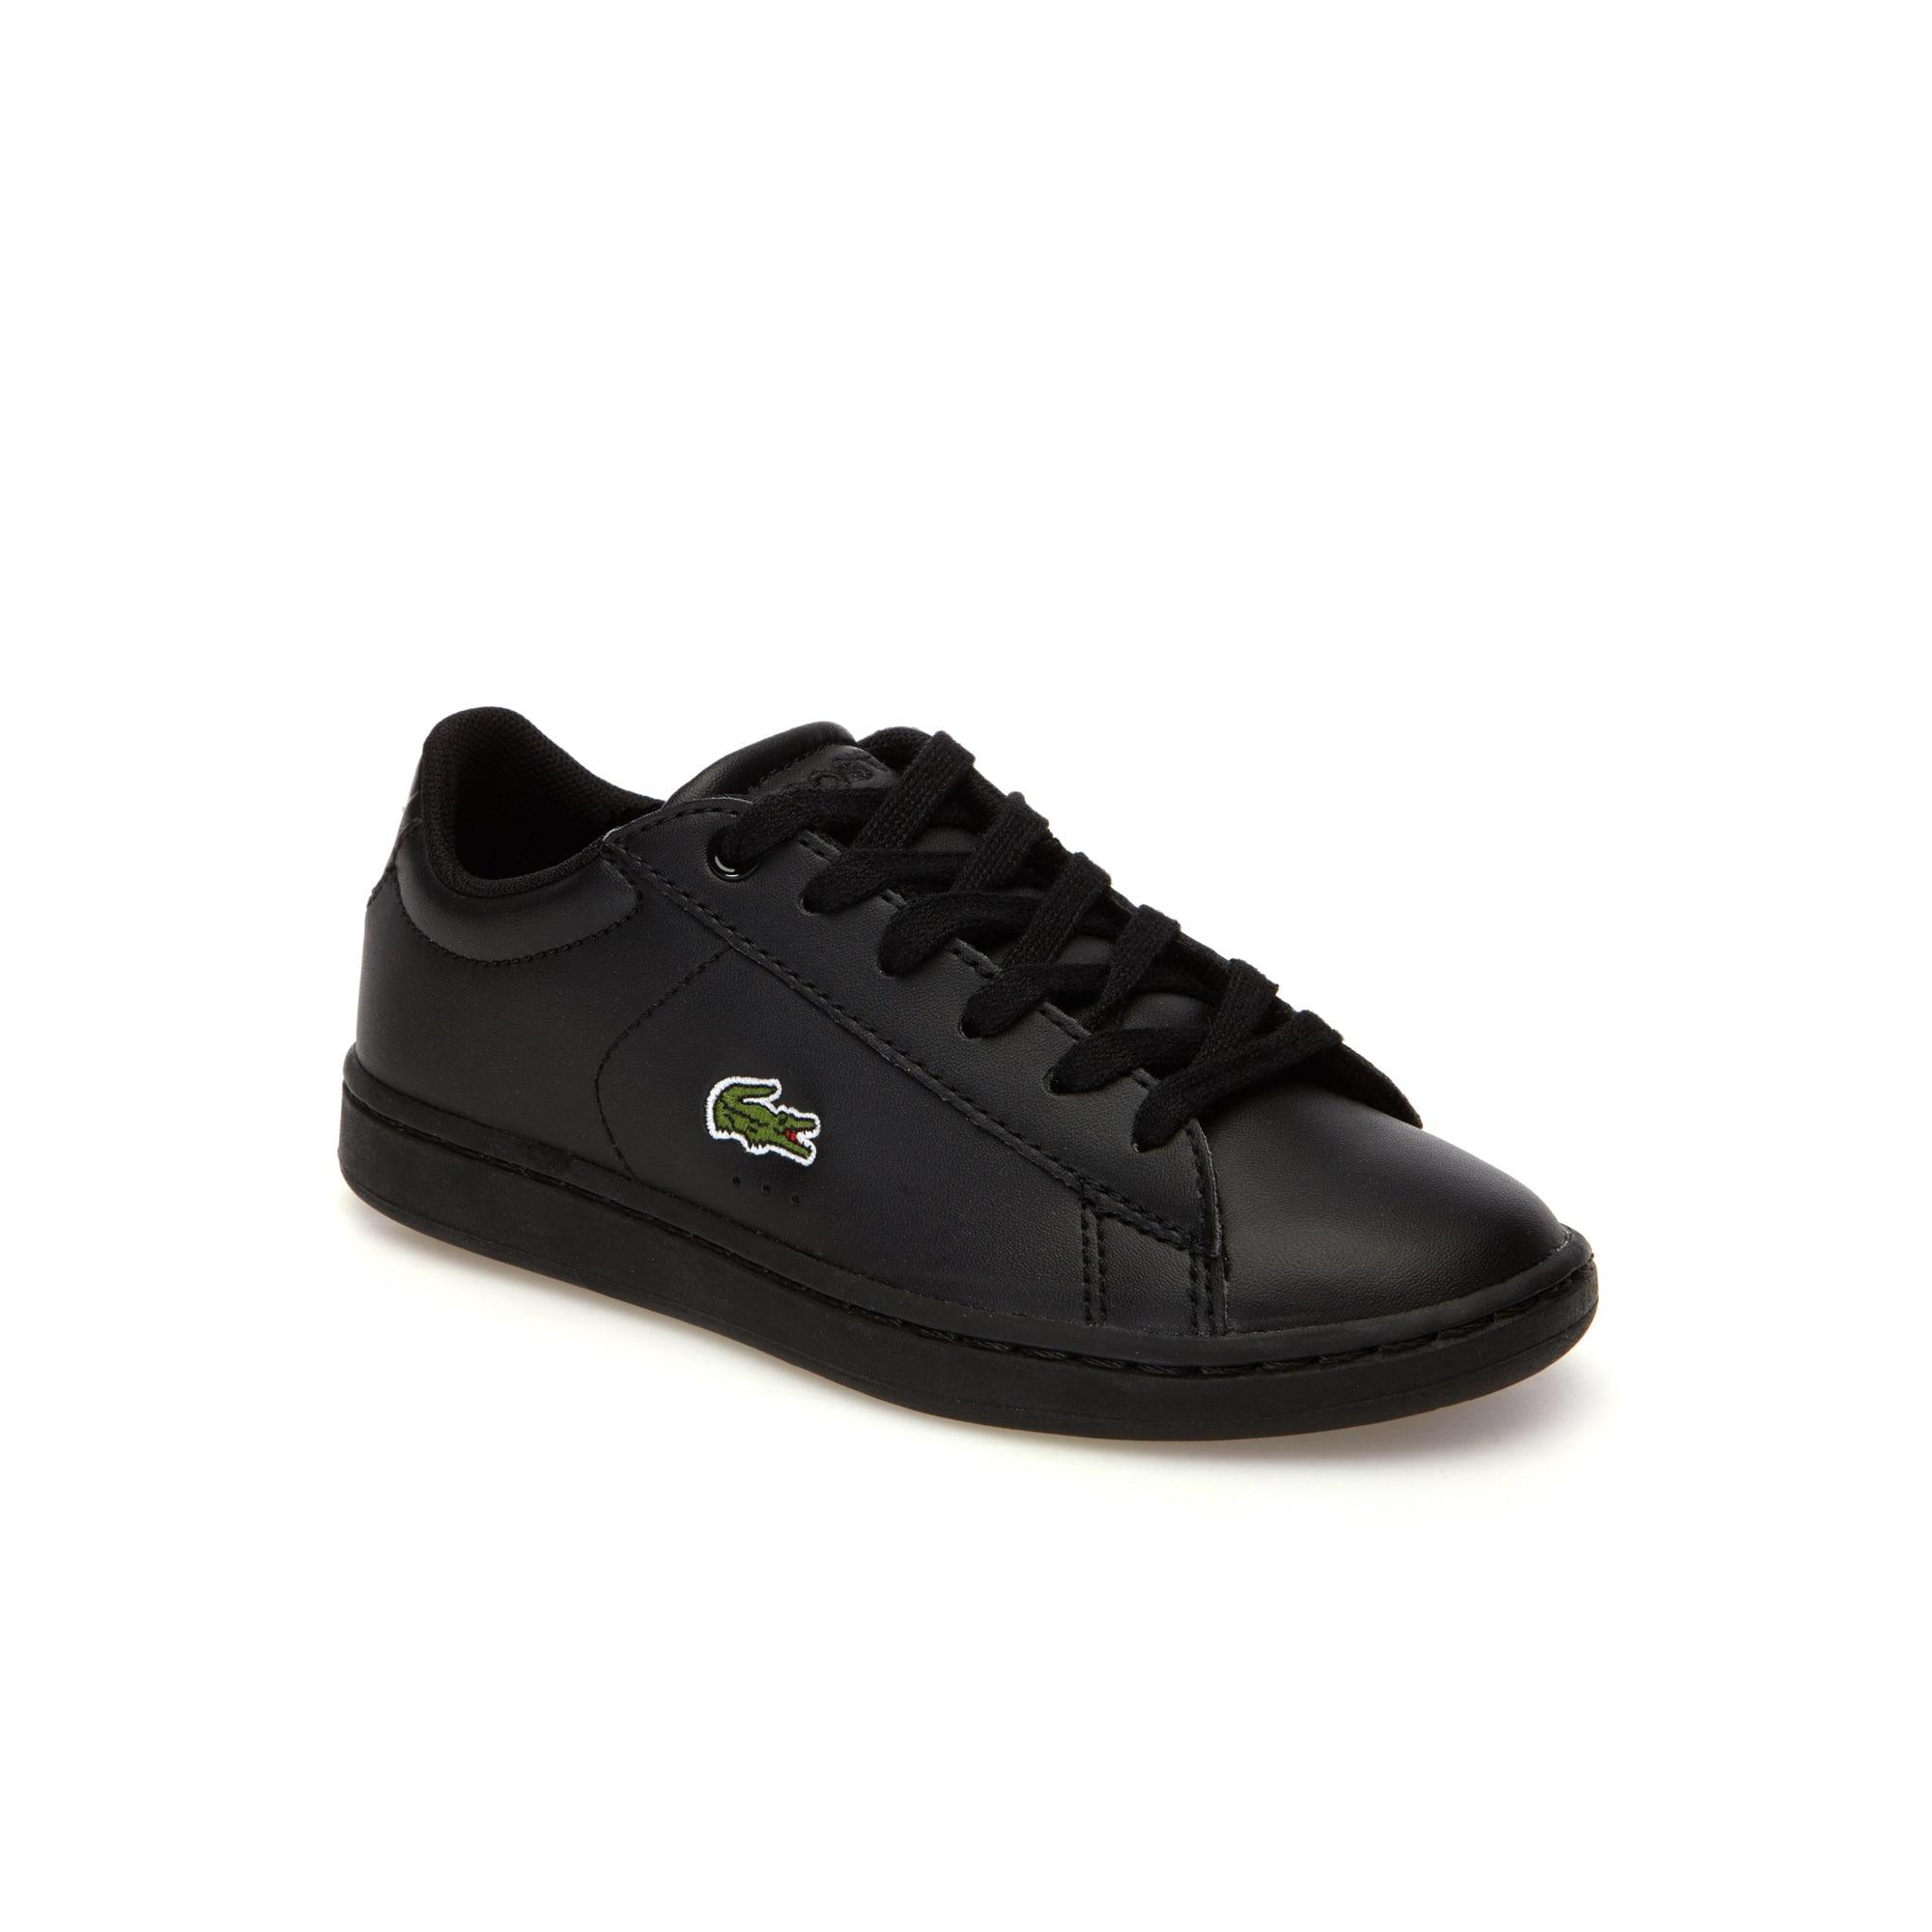 Carnaby Evo kindersneakers leather-look